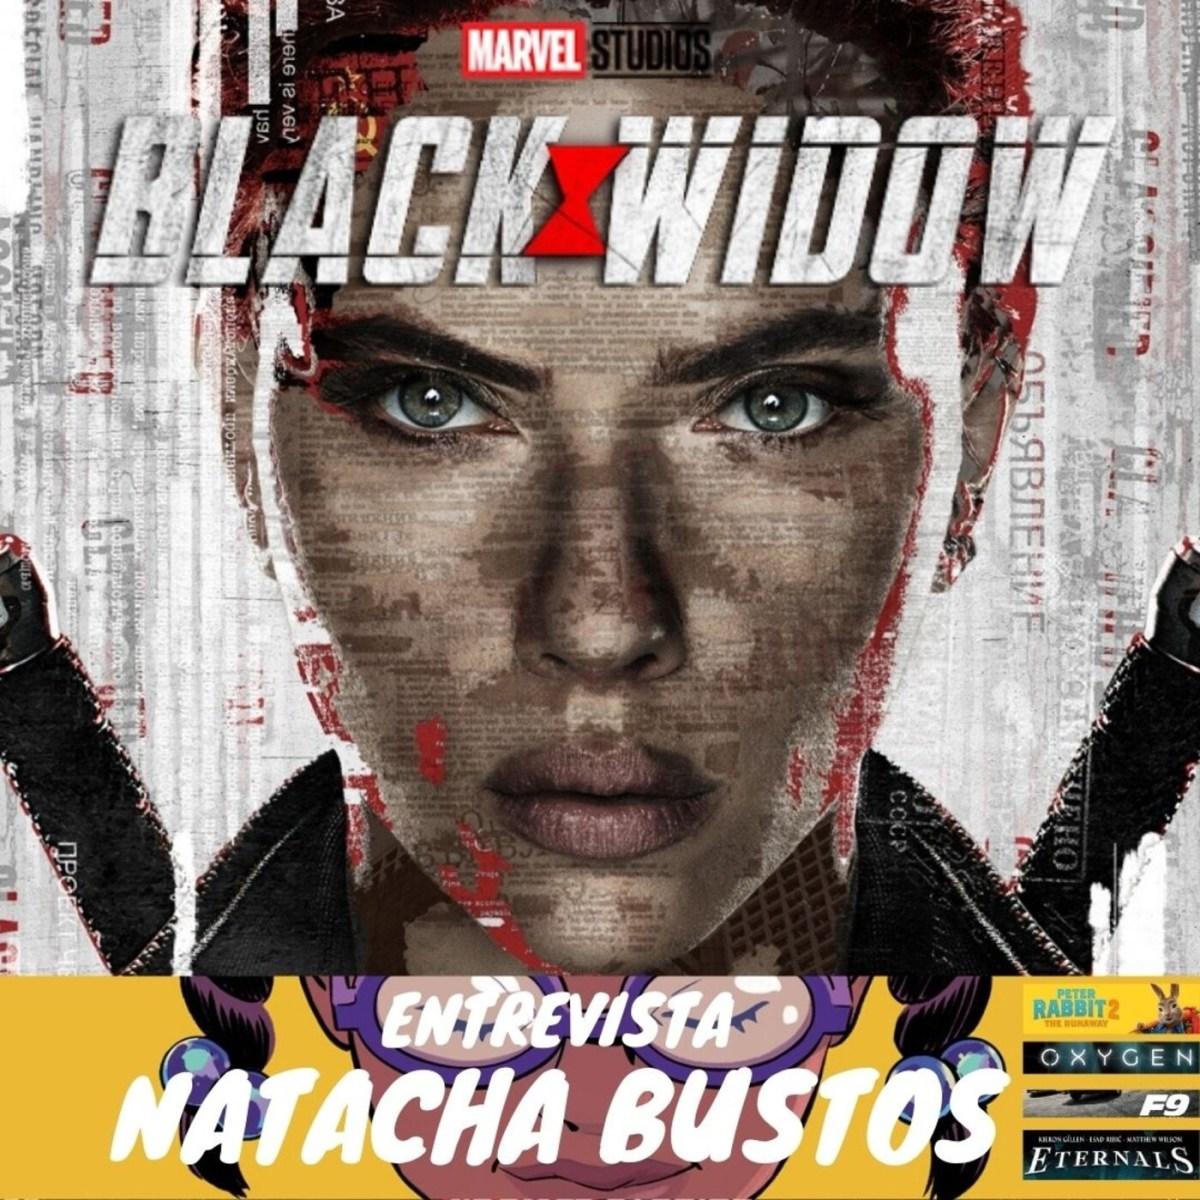 Ningú no és perfecte 20×44 – Black Widow (Viuda Negra), entrevista Natacha Bustos, Eternals, F9, Oxygen i Peter Rabbit 2